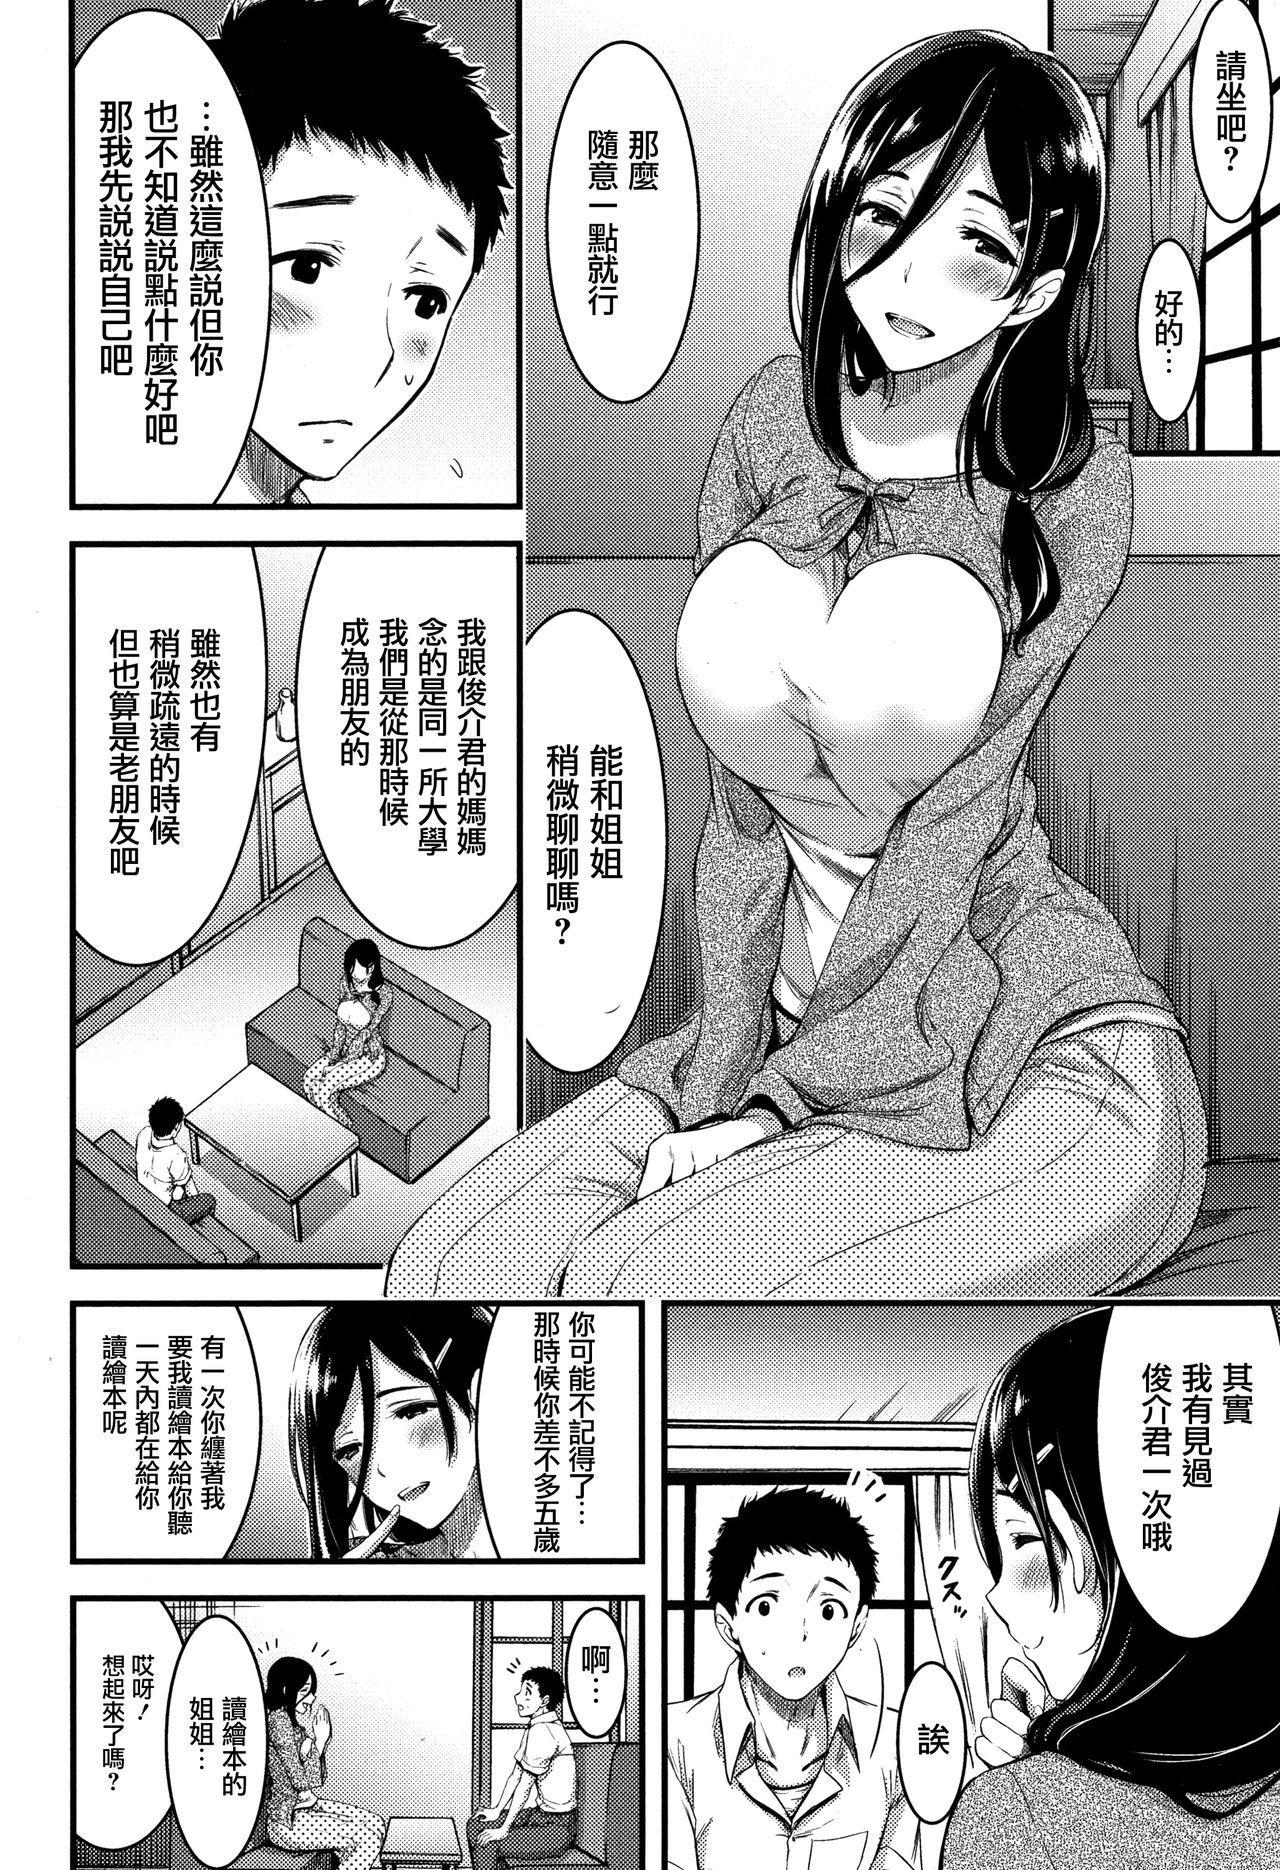 Nichijou Bitch Seitai Kansatsu 104